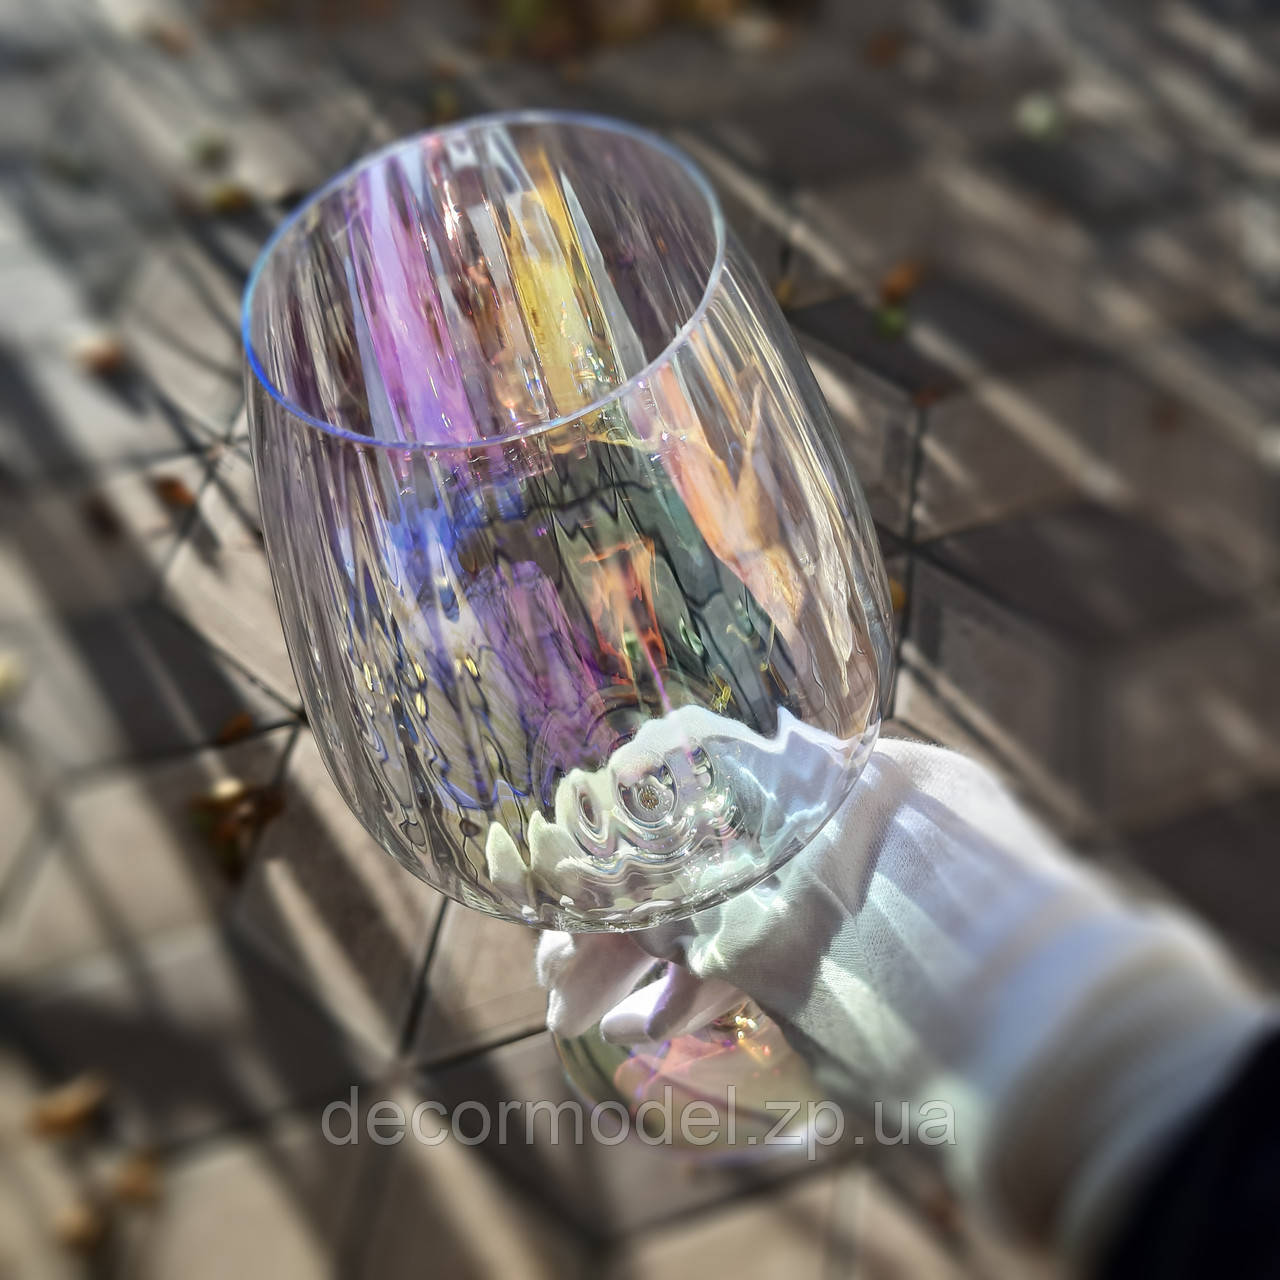 Набор бокалов для вина Rona Favourite optic 570 ml перламутровый